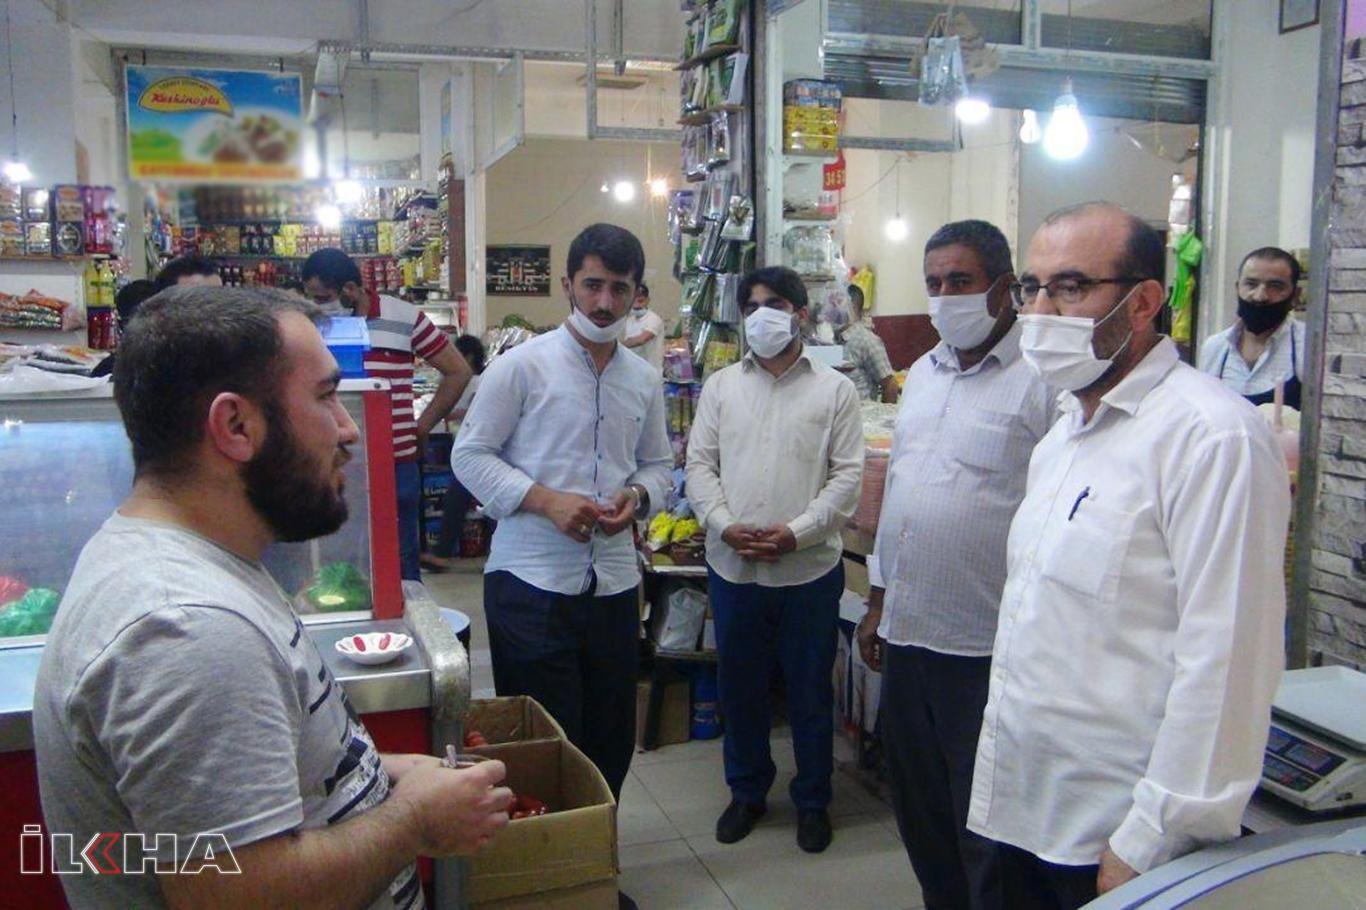 4 aydır kapalı olan Silvan Semt Pazarı'nın giriş kapıları esnafı mağdur ediyor